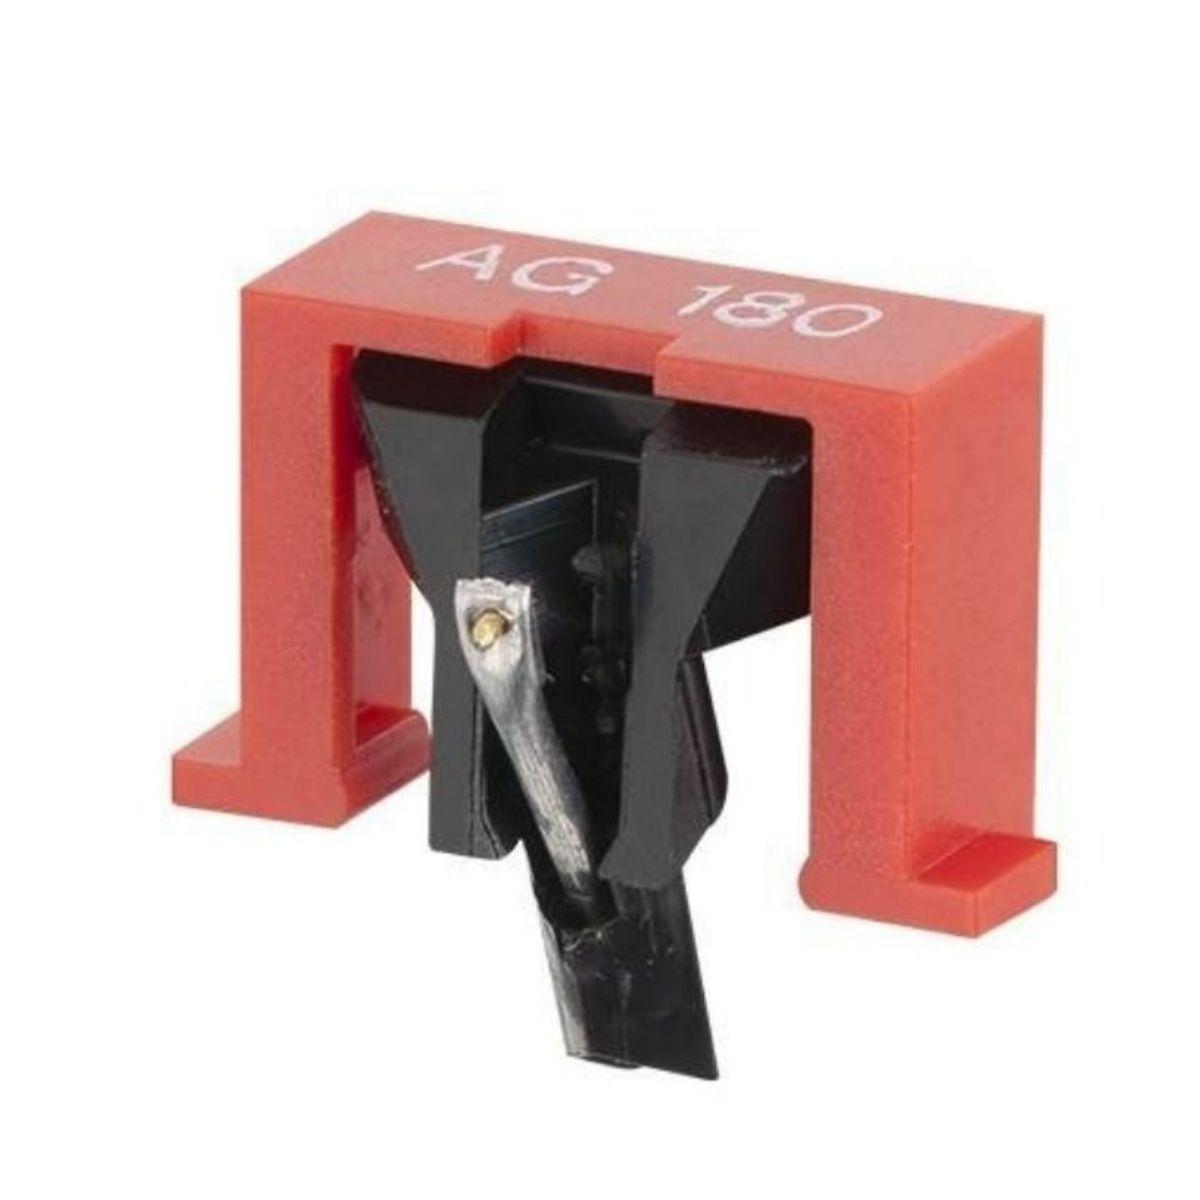 Agulha Ag-180 Original Leson Para Toca Discos e Vitrola - Ag-180